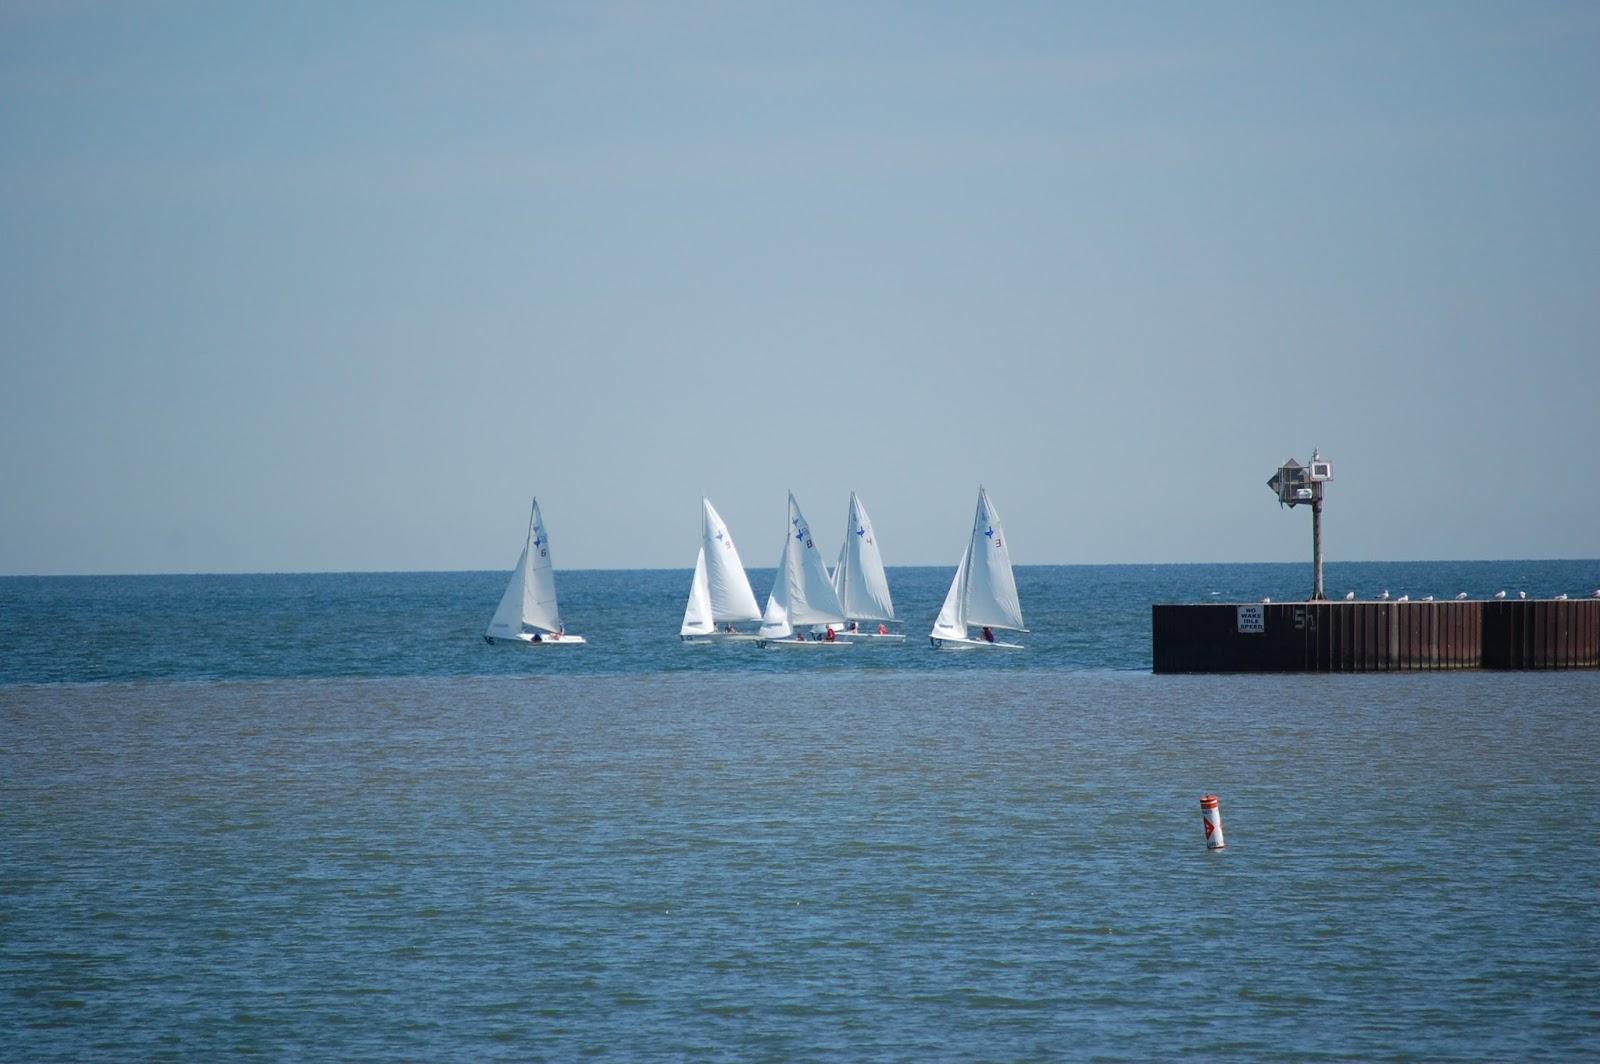 Ohio erie county vermilion - Sailing Along Vermilion Ohio S Shoreline